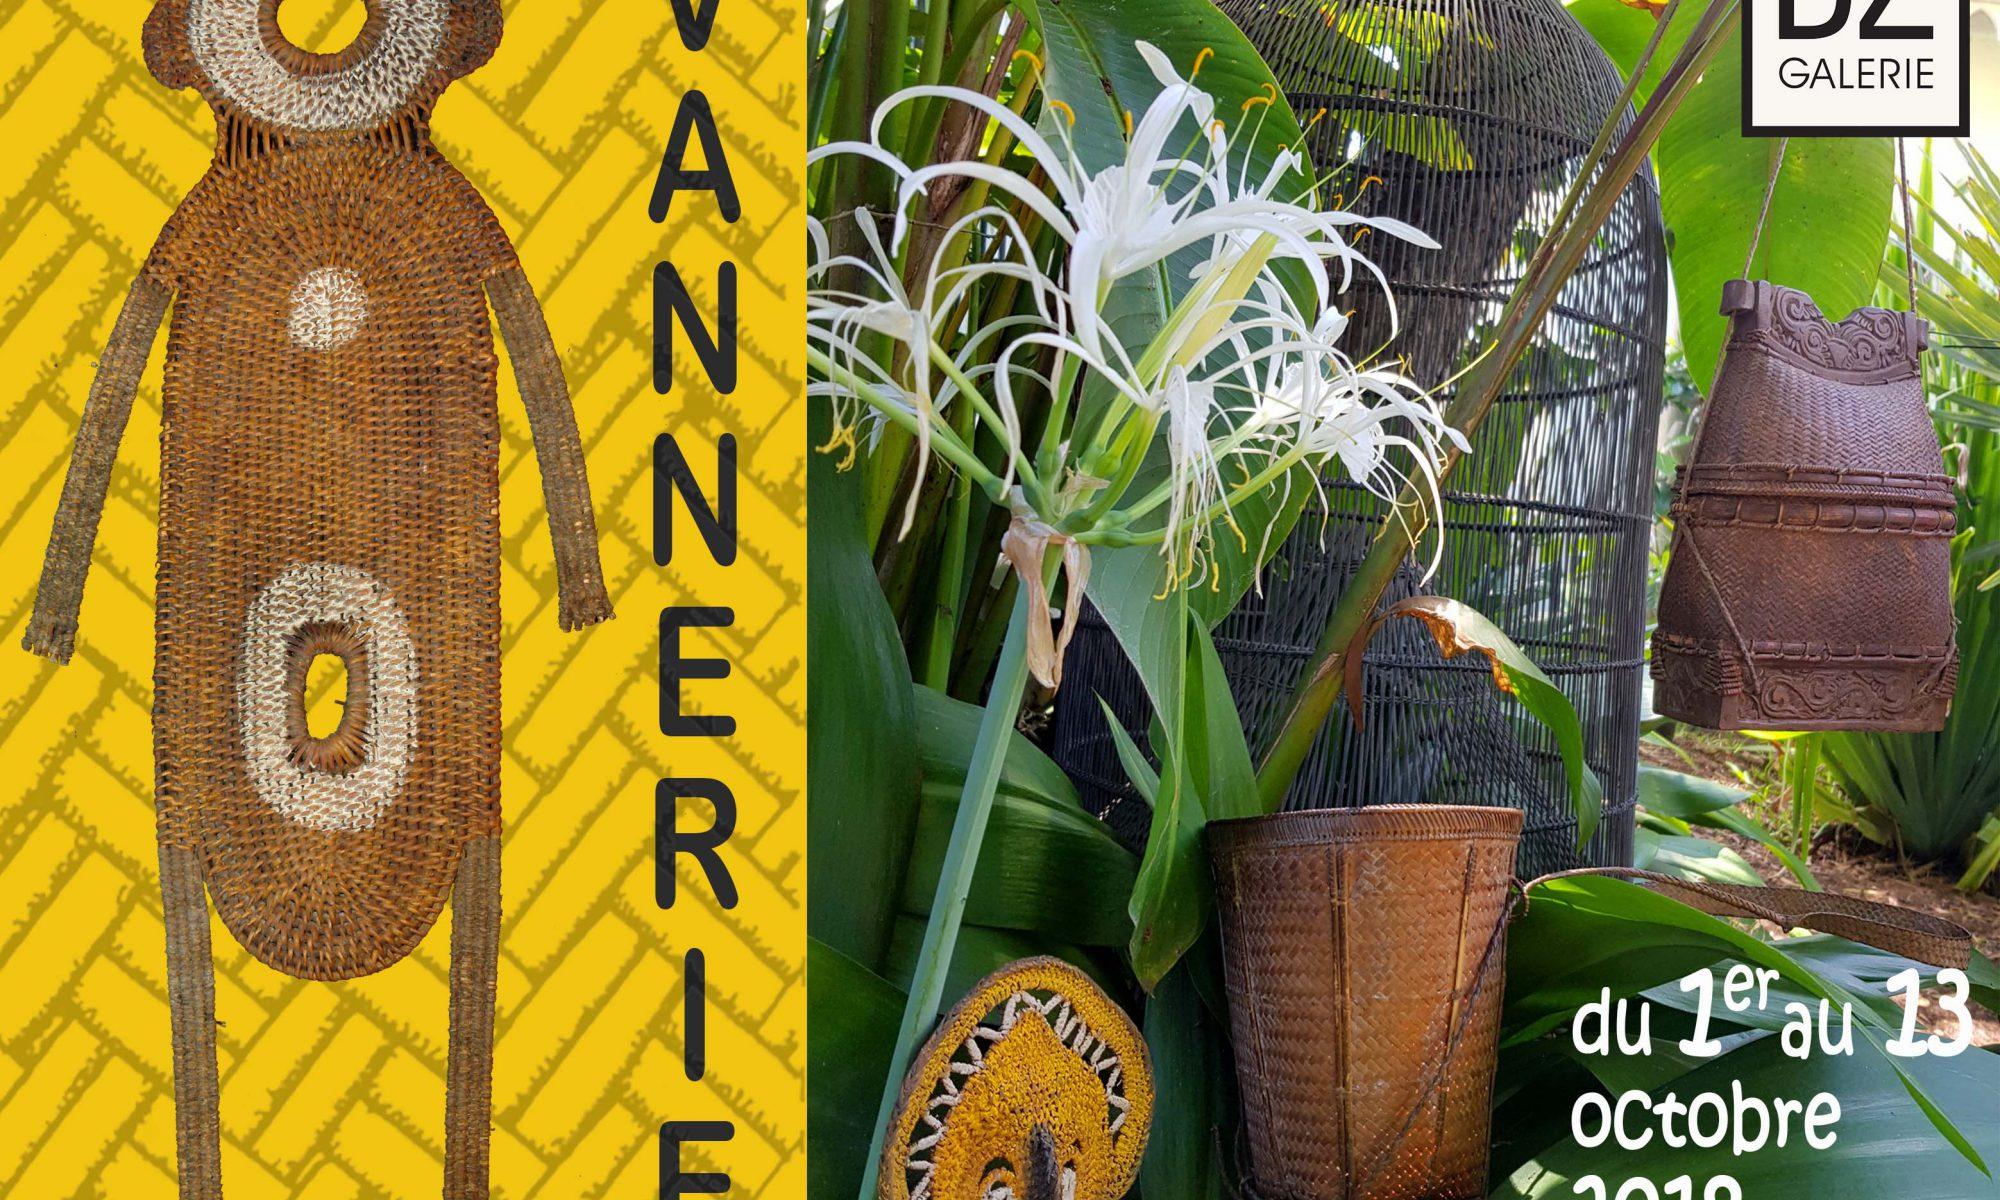 Exposition Vannerie, Nouméa, du 1er octobre au 14 octobre 2018